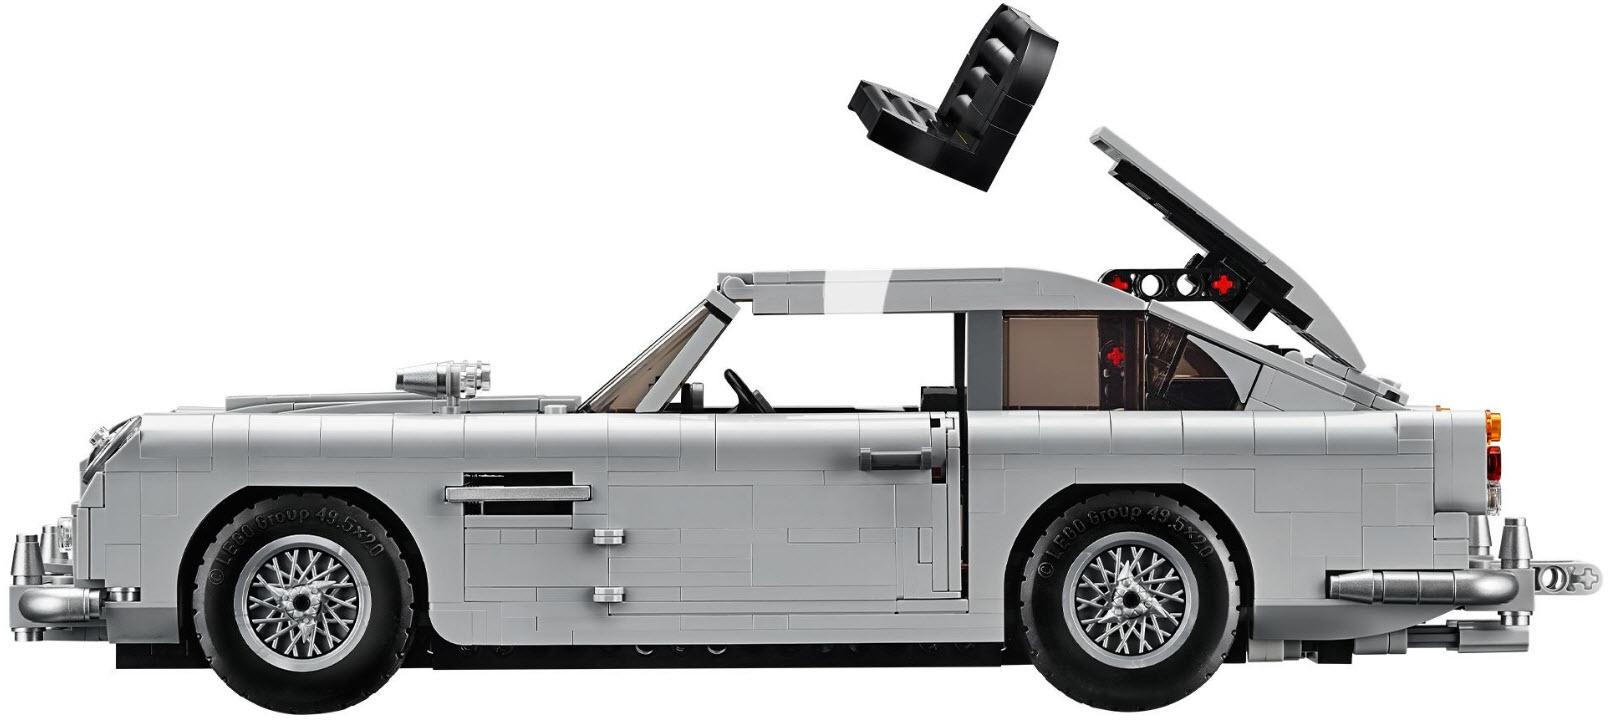 Lego Creator 10262 Aston Martin Günstig Kaufen Bei Valuebrick At